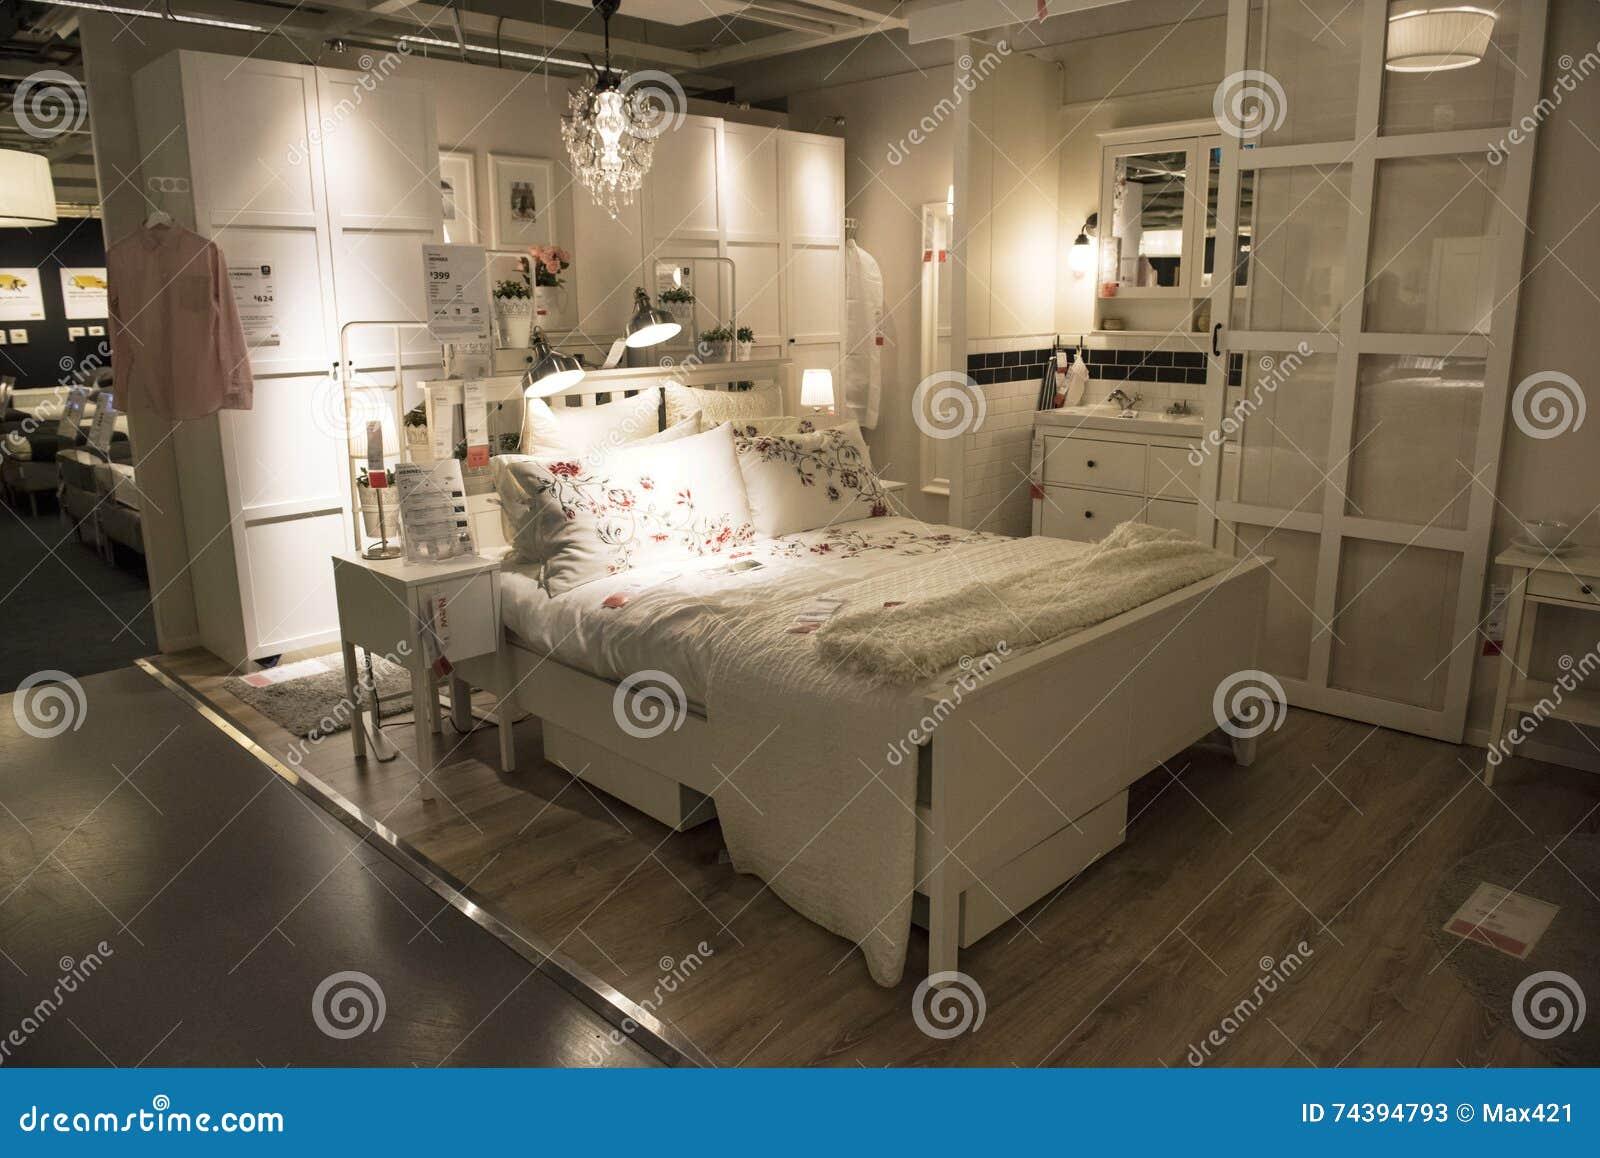 Idealna Sypialnia W Ikea Sklepie Sydney Zdjęcie Stock